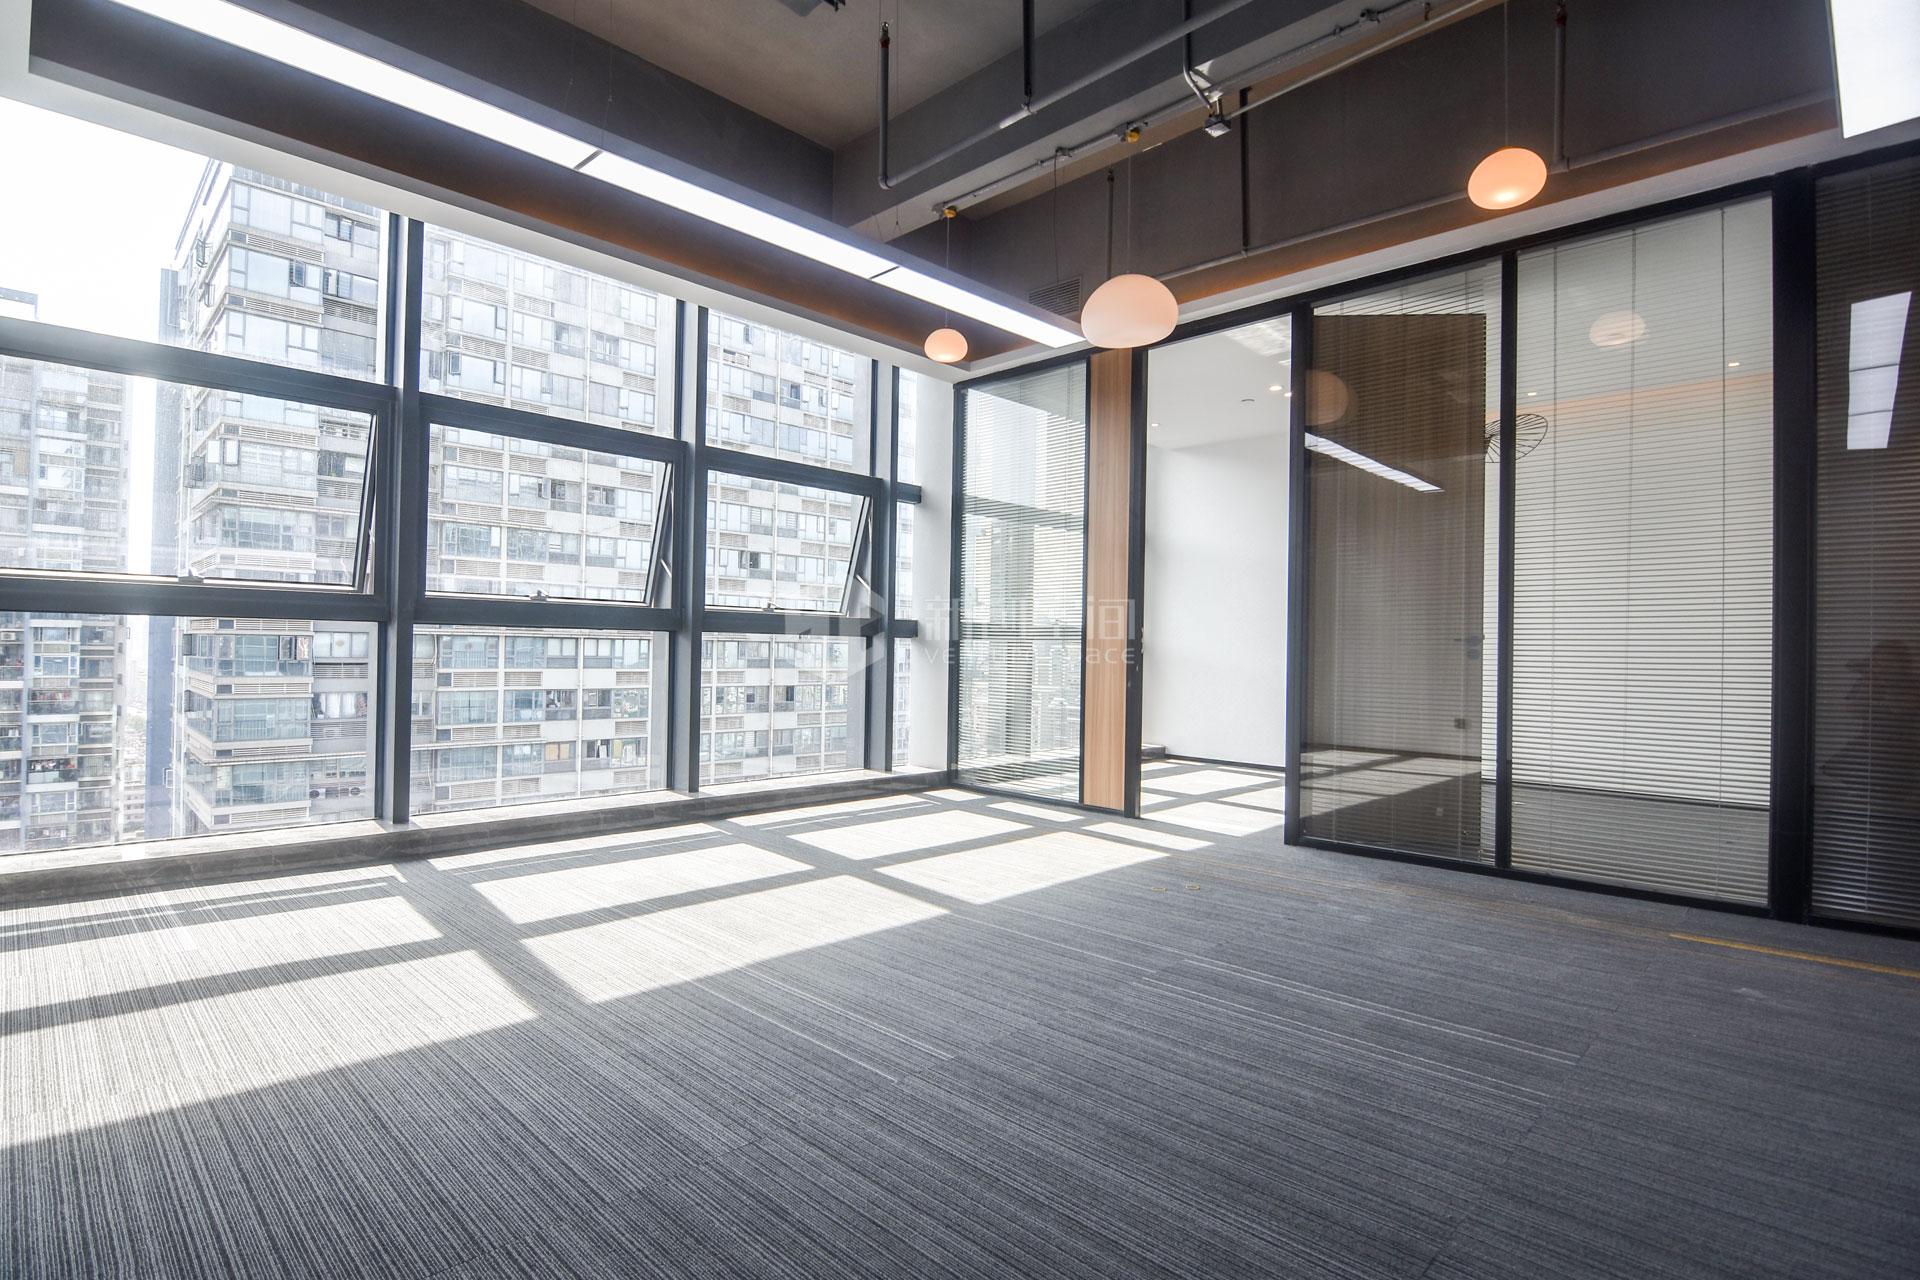 蘅芳科技大厦600m²办公室出租51000元/月